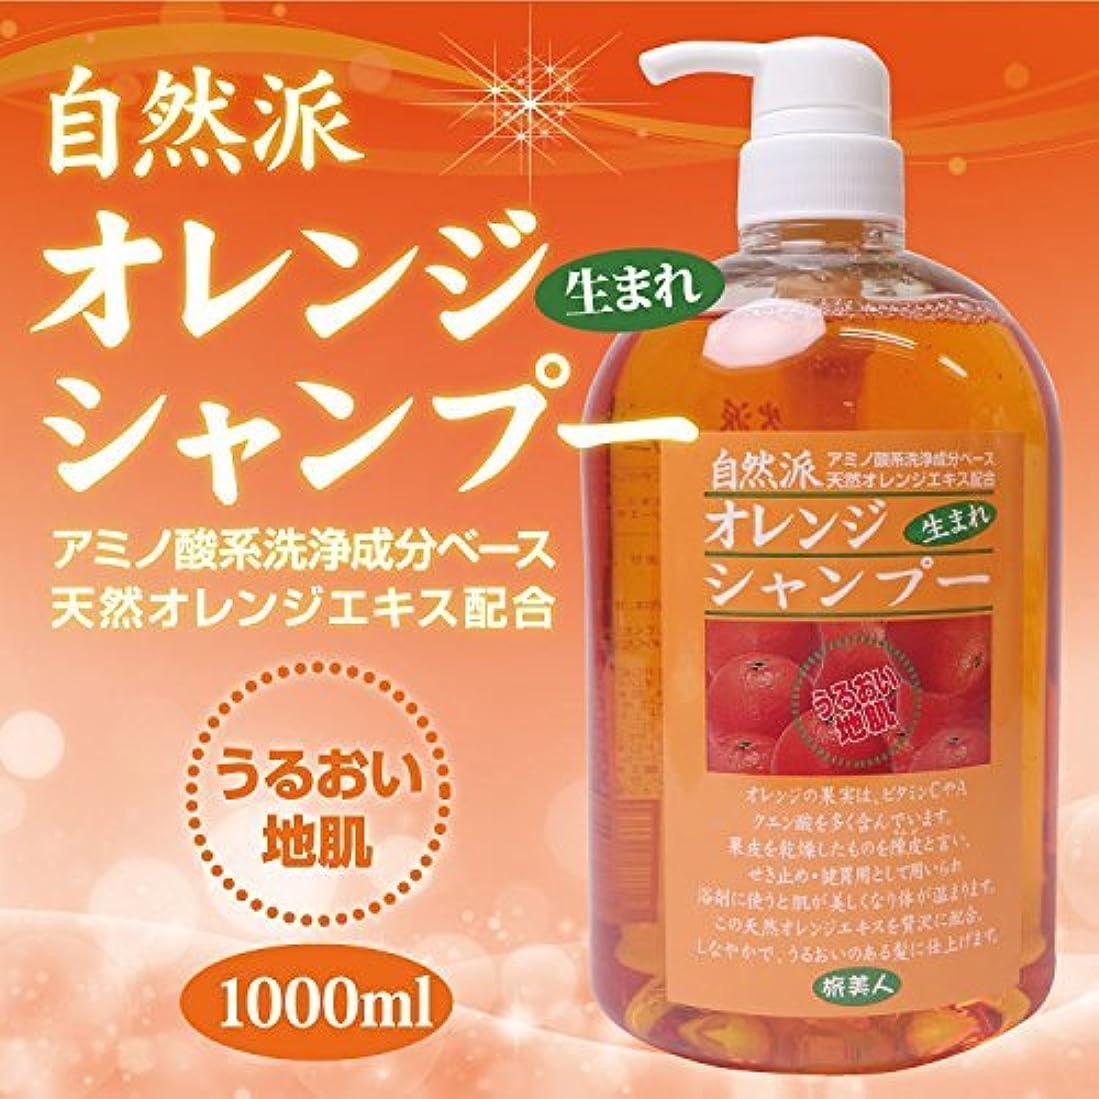 リムサワー悪意アズマ商事の 自然派 オレンジシャンプー 1000ml